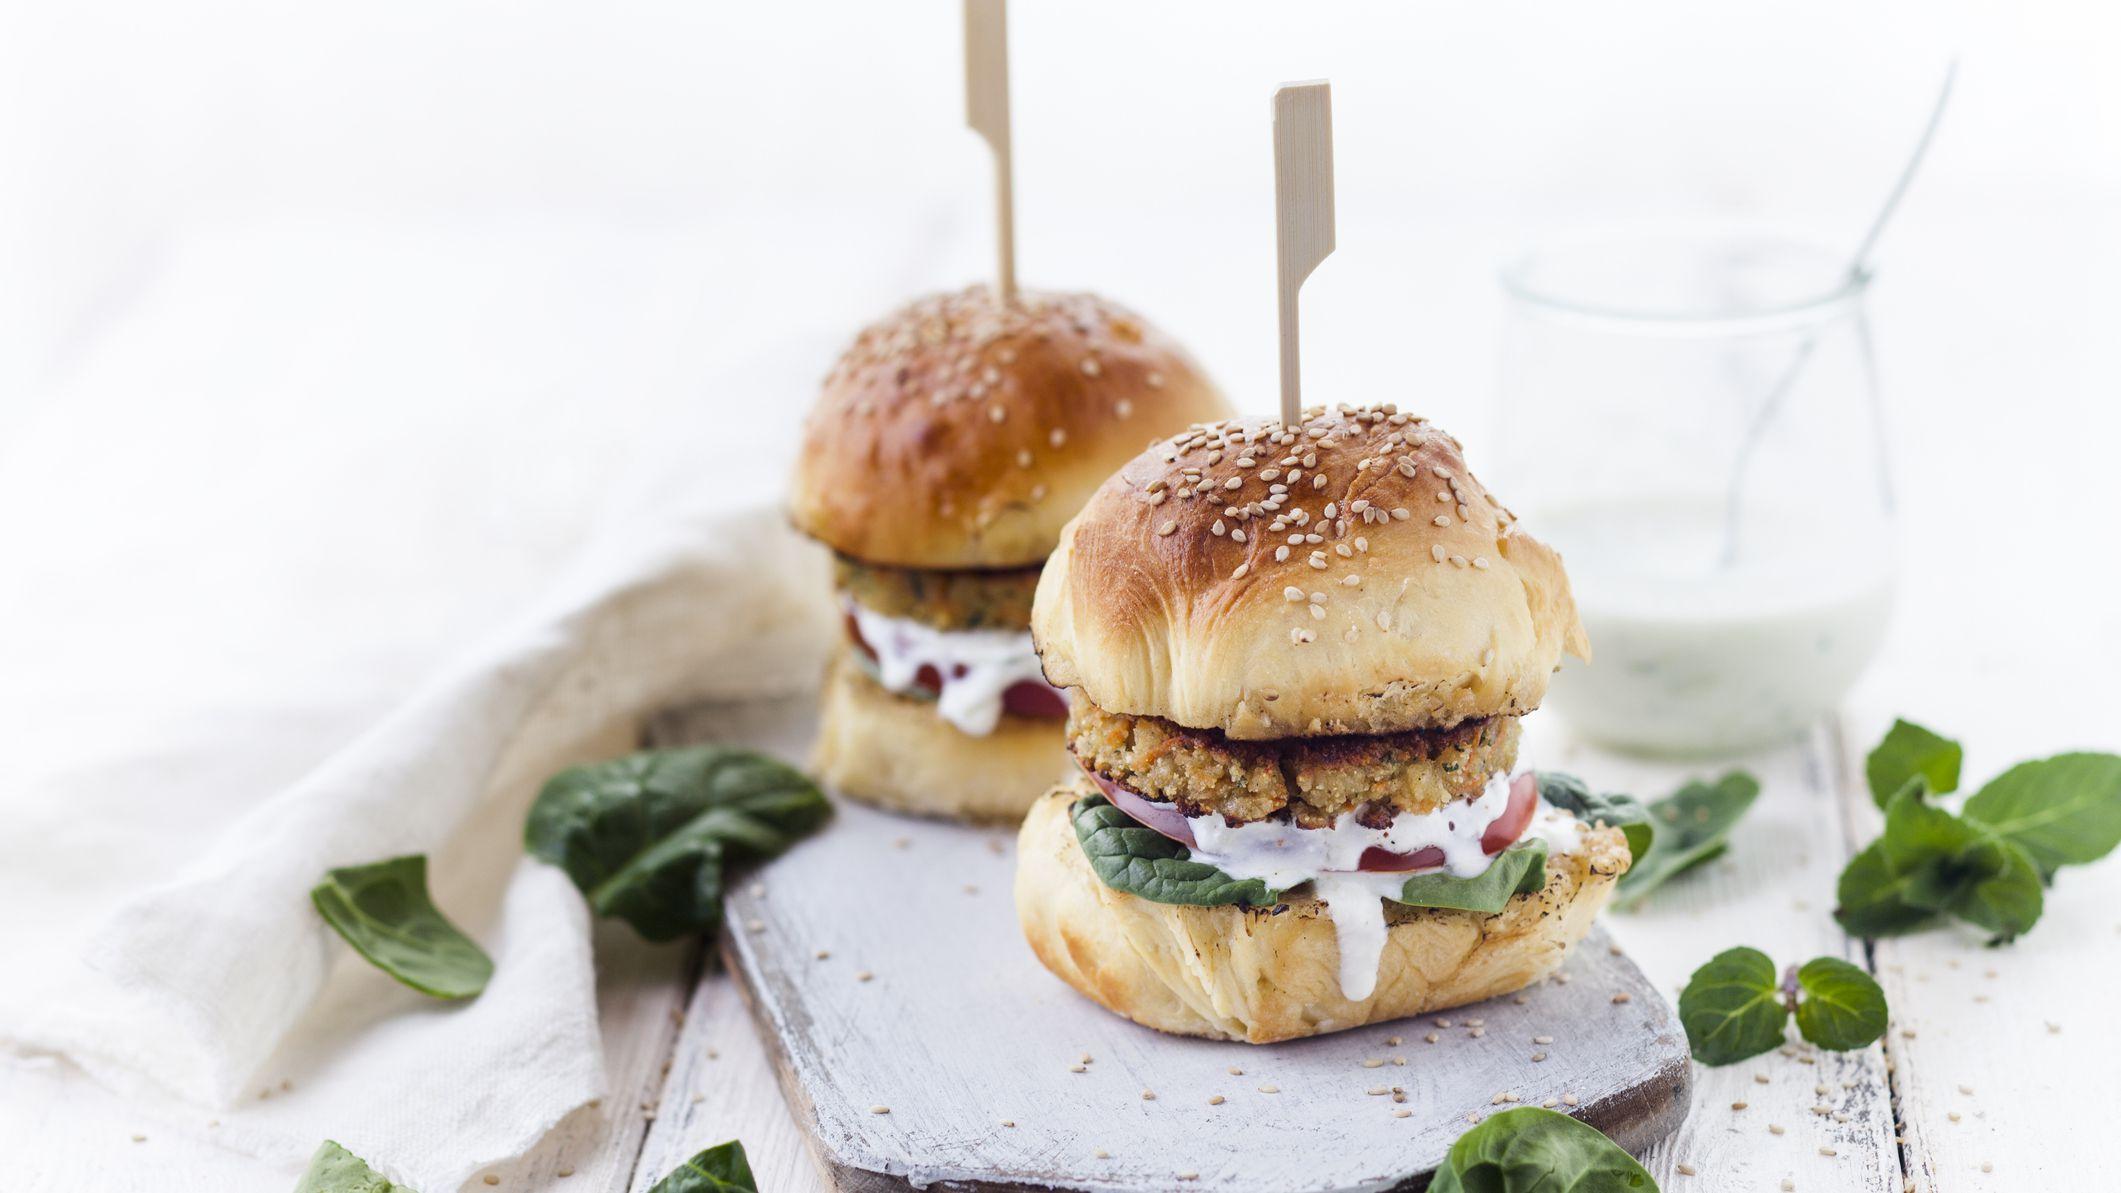 The 3 Best Tasting Veggie Burgers Reviewed